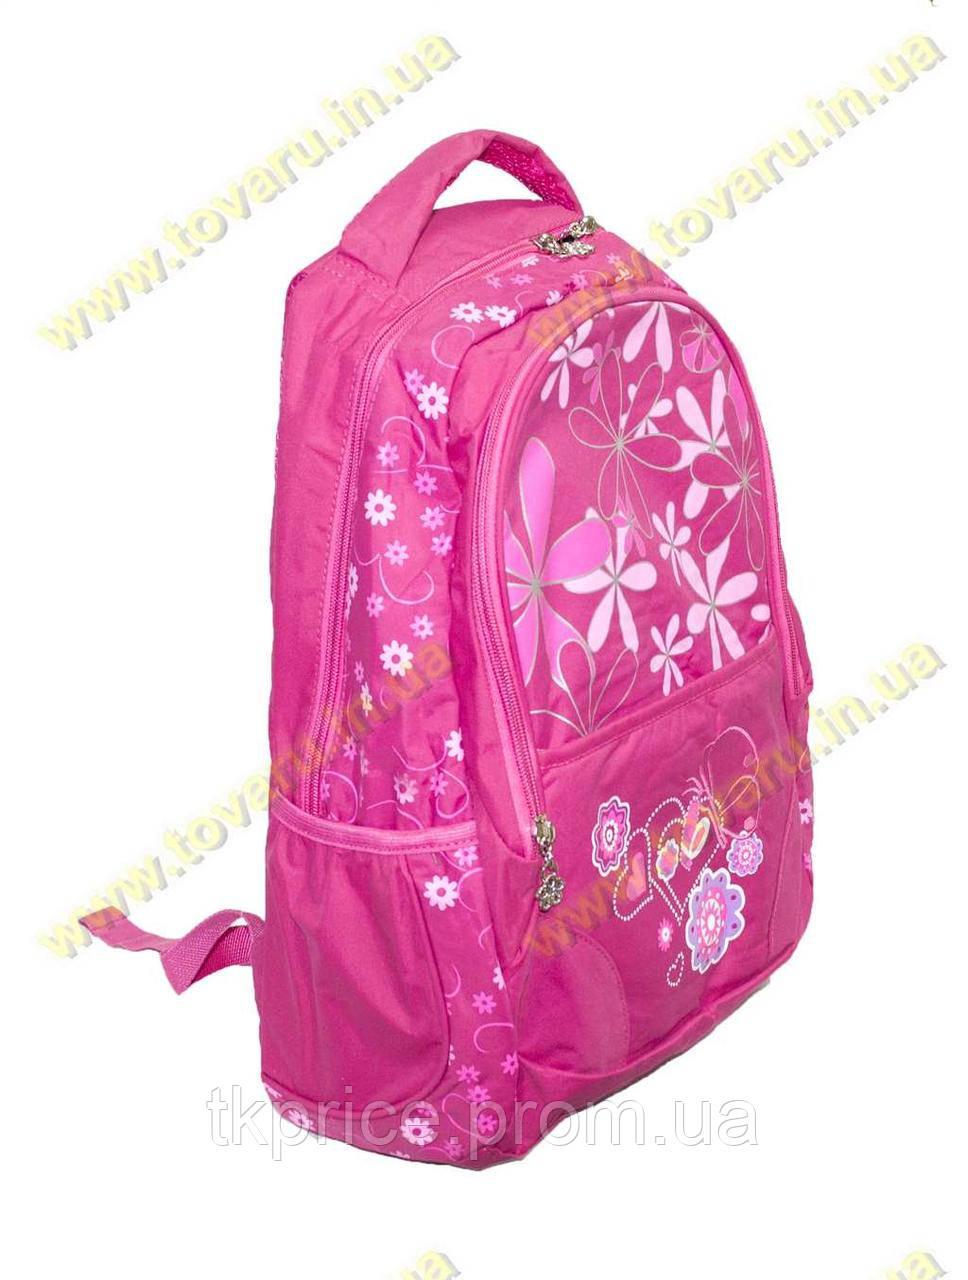 Школьный рюкзак для девочки розовый 1825